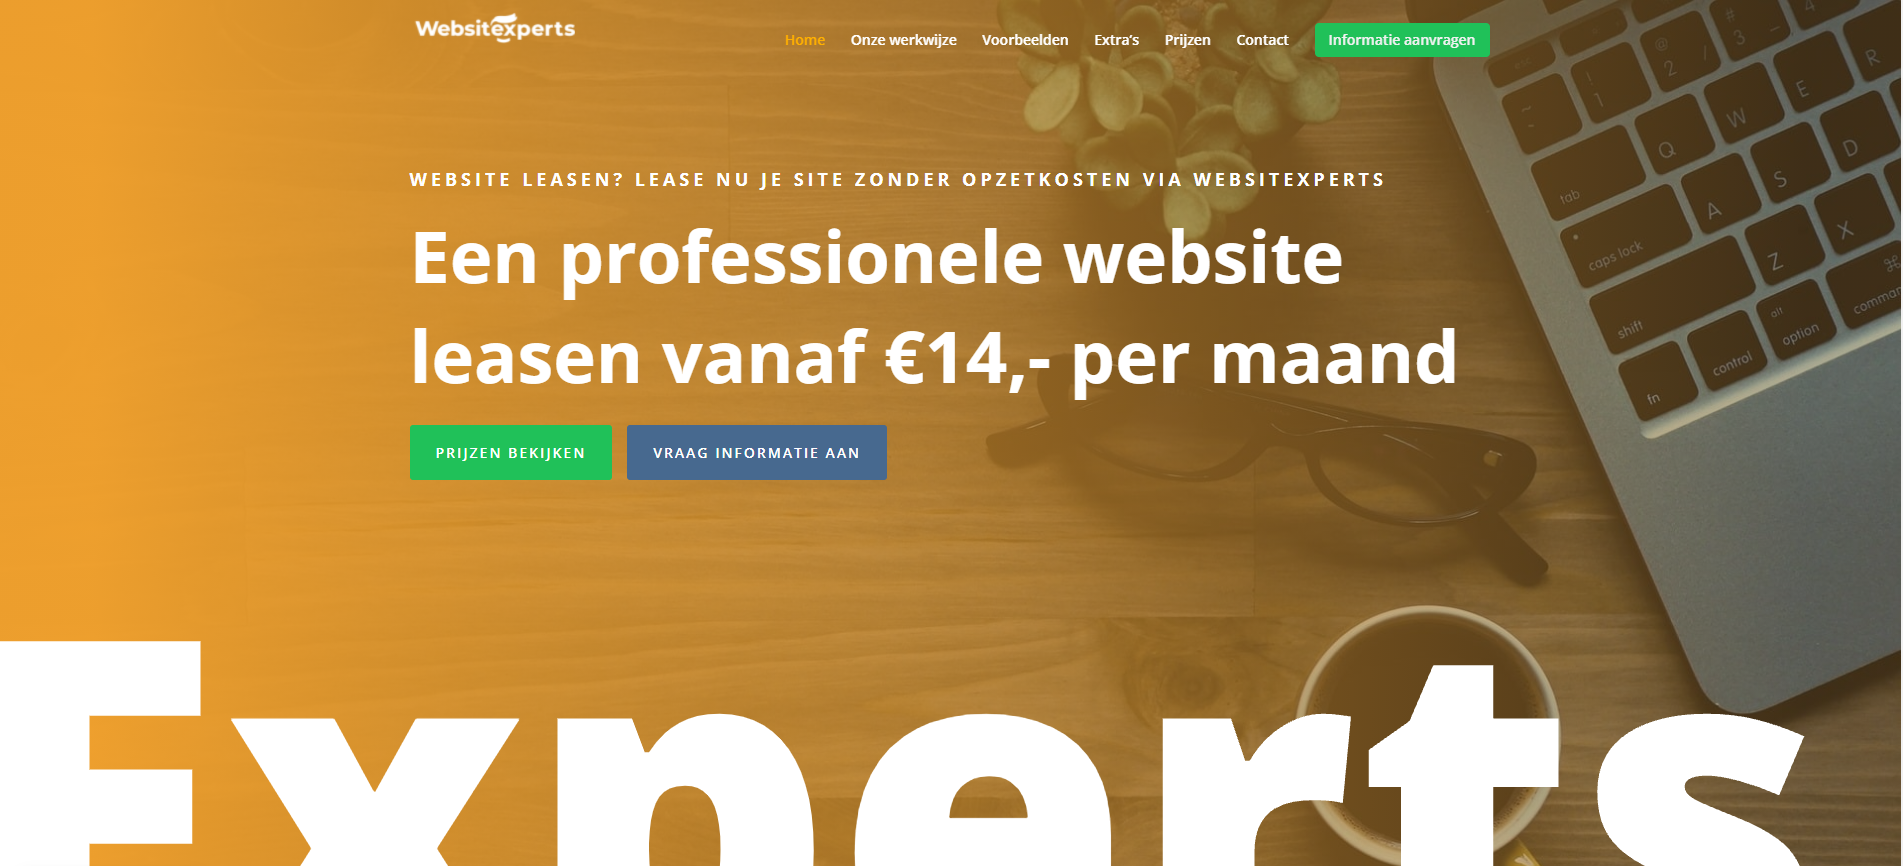 voorbeeld websitexperts 1